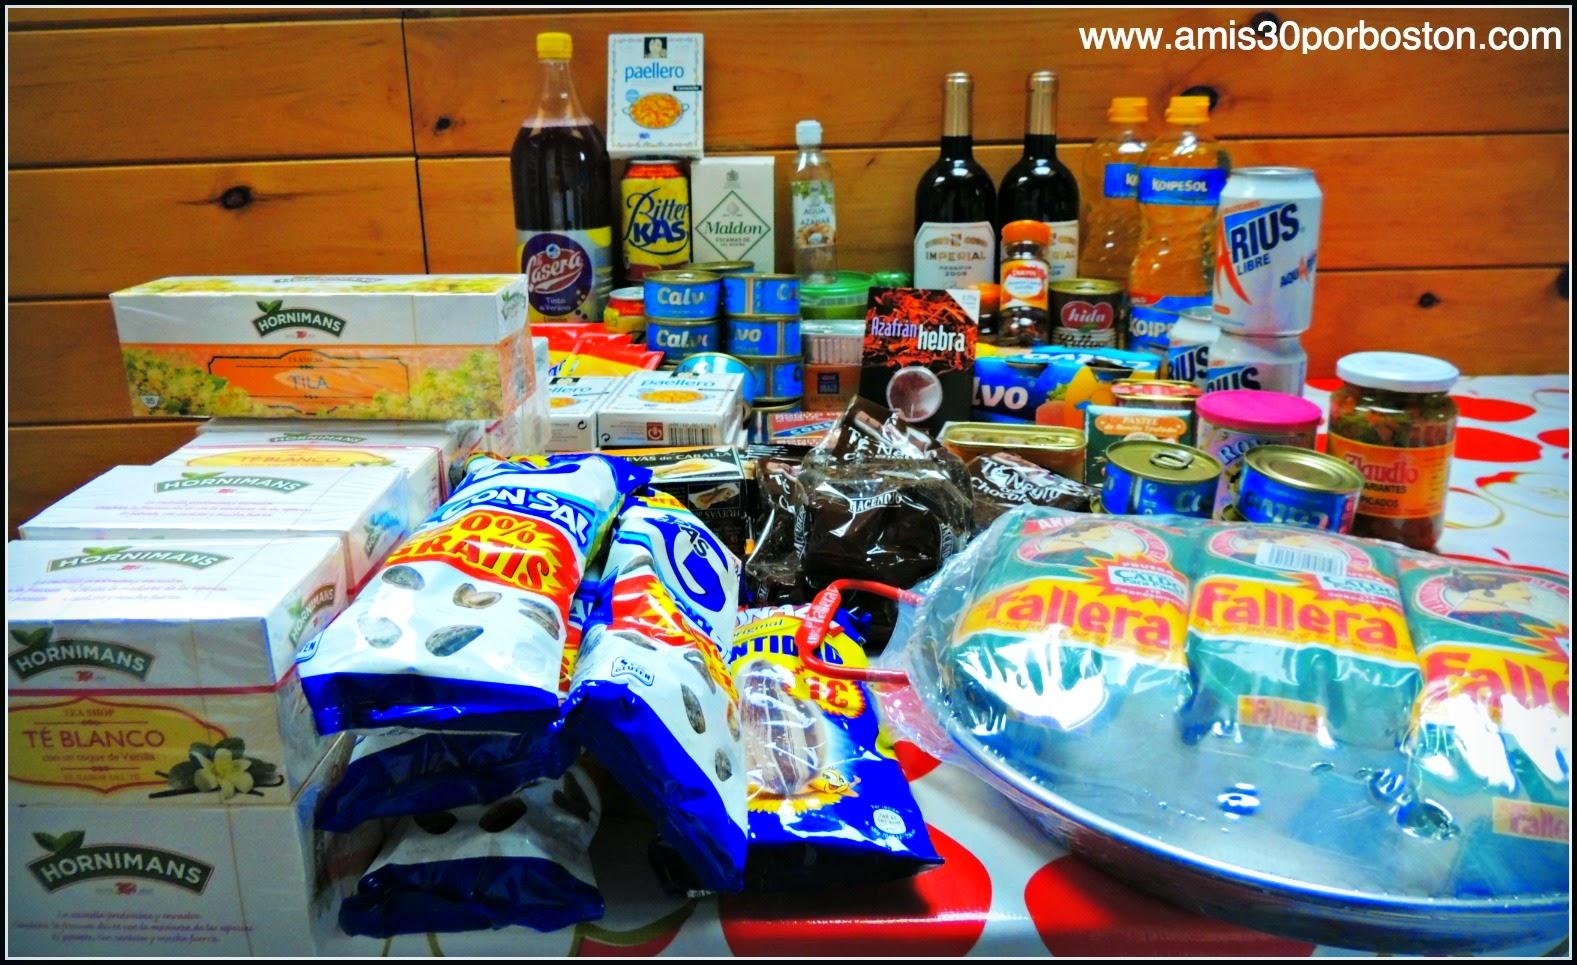 Los Productos Españoles en mis Maletas a Boston